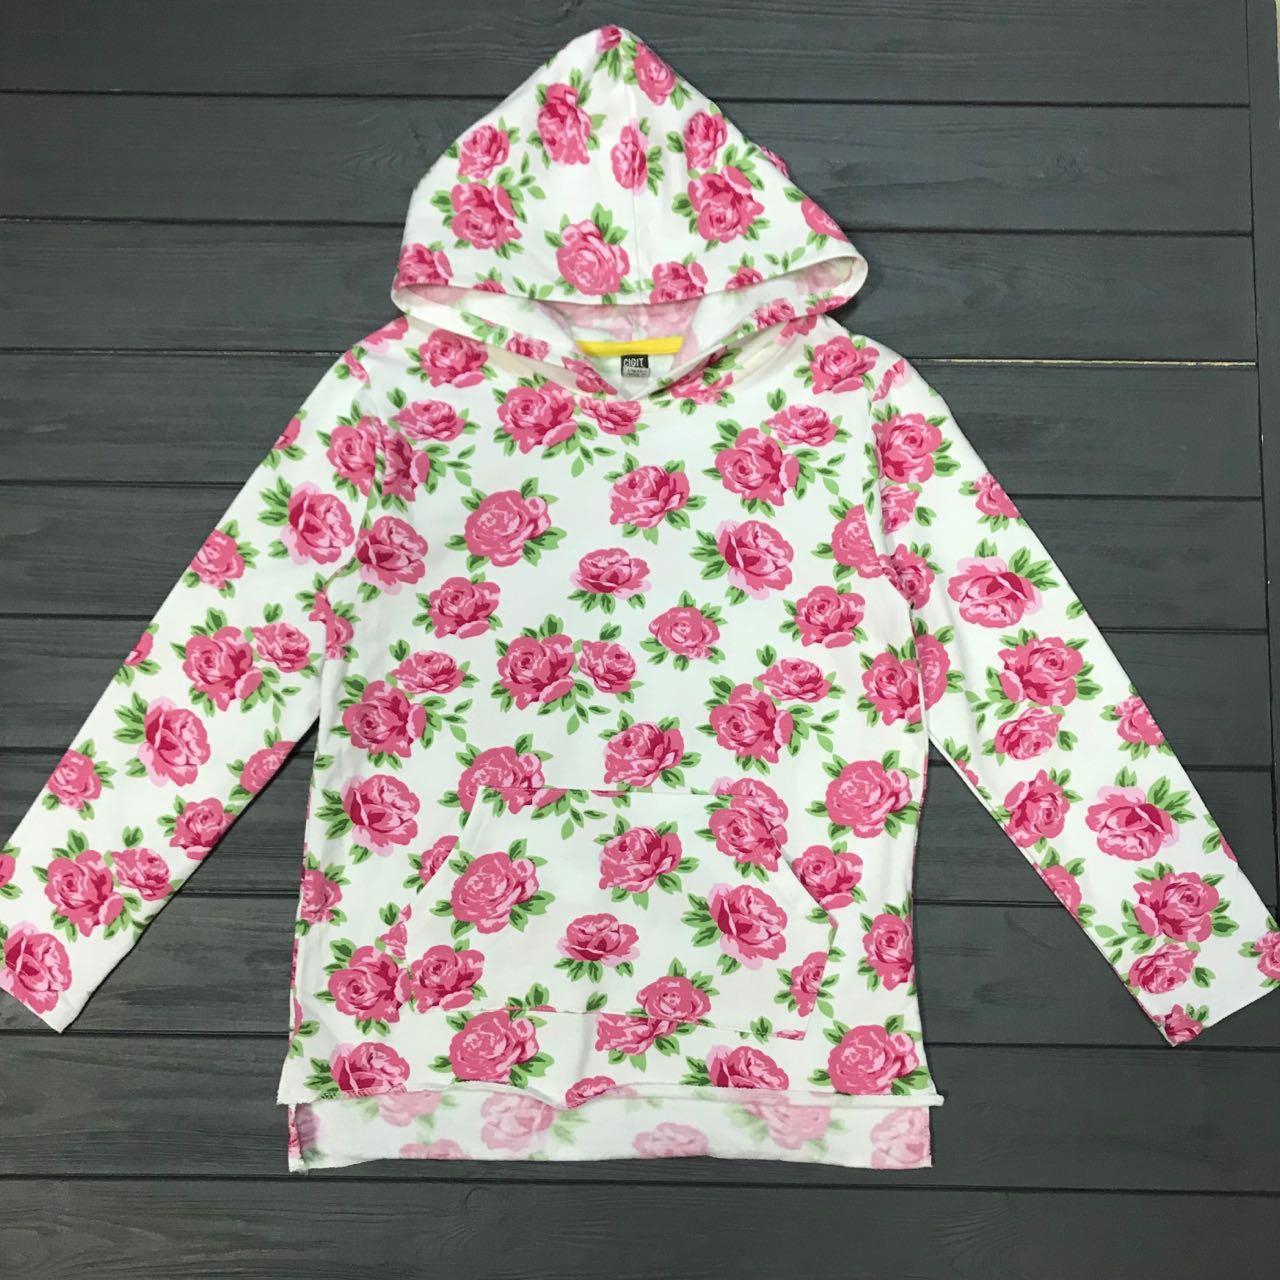 Кофта с капюшоном тёплая для девочек-подростков оптом р.9-13 лет